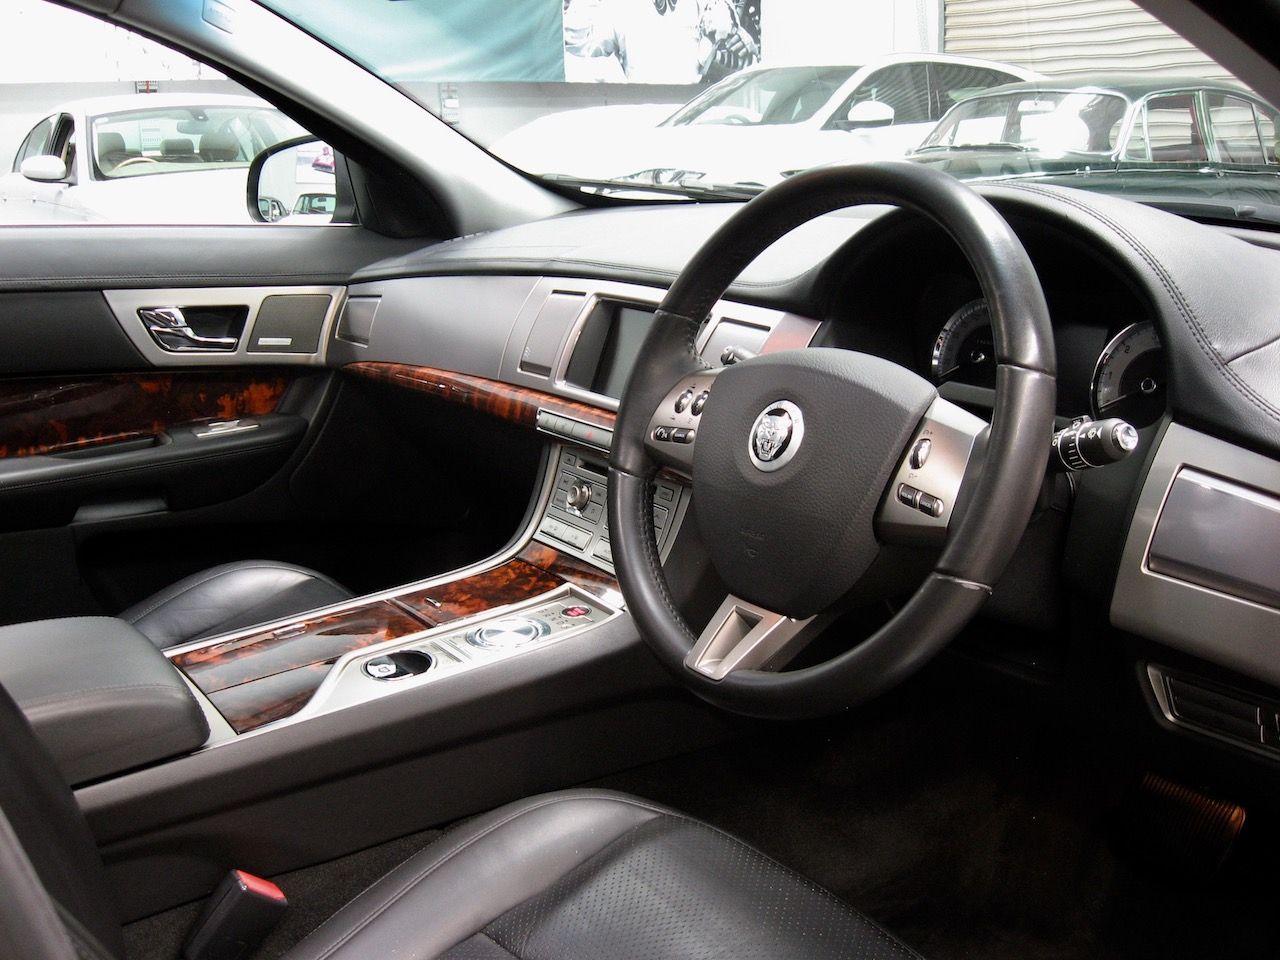 2008 Jaguar Xf Sv8 4 2l V8 Supercharged In 2020 Jaguar Xf Jaguar Cars For Sale